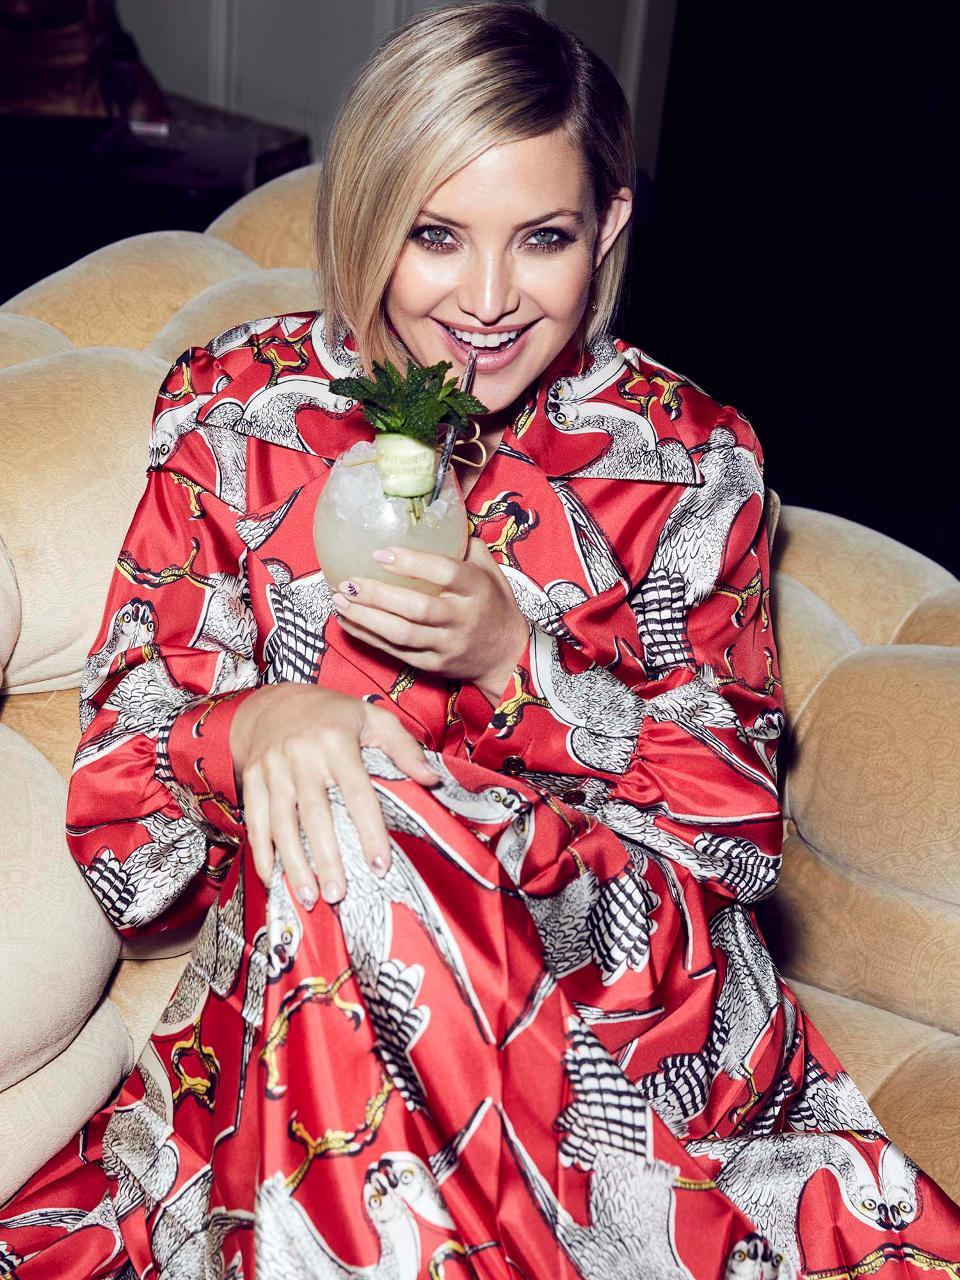 Kate Hudson Launches King St. Vodka photo